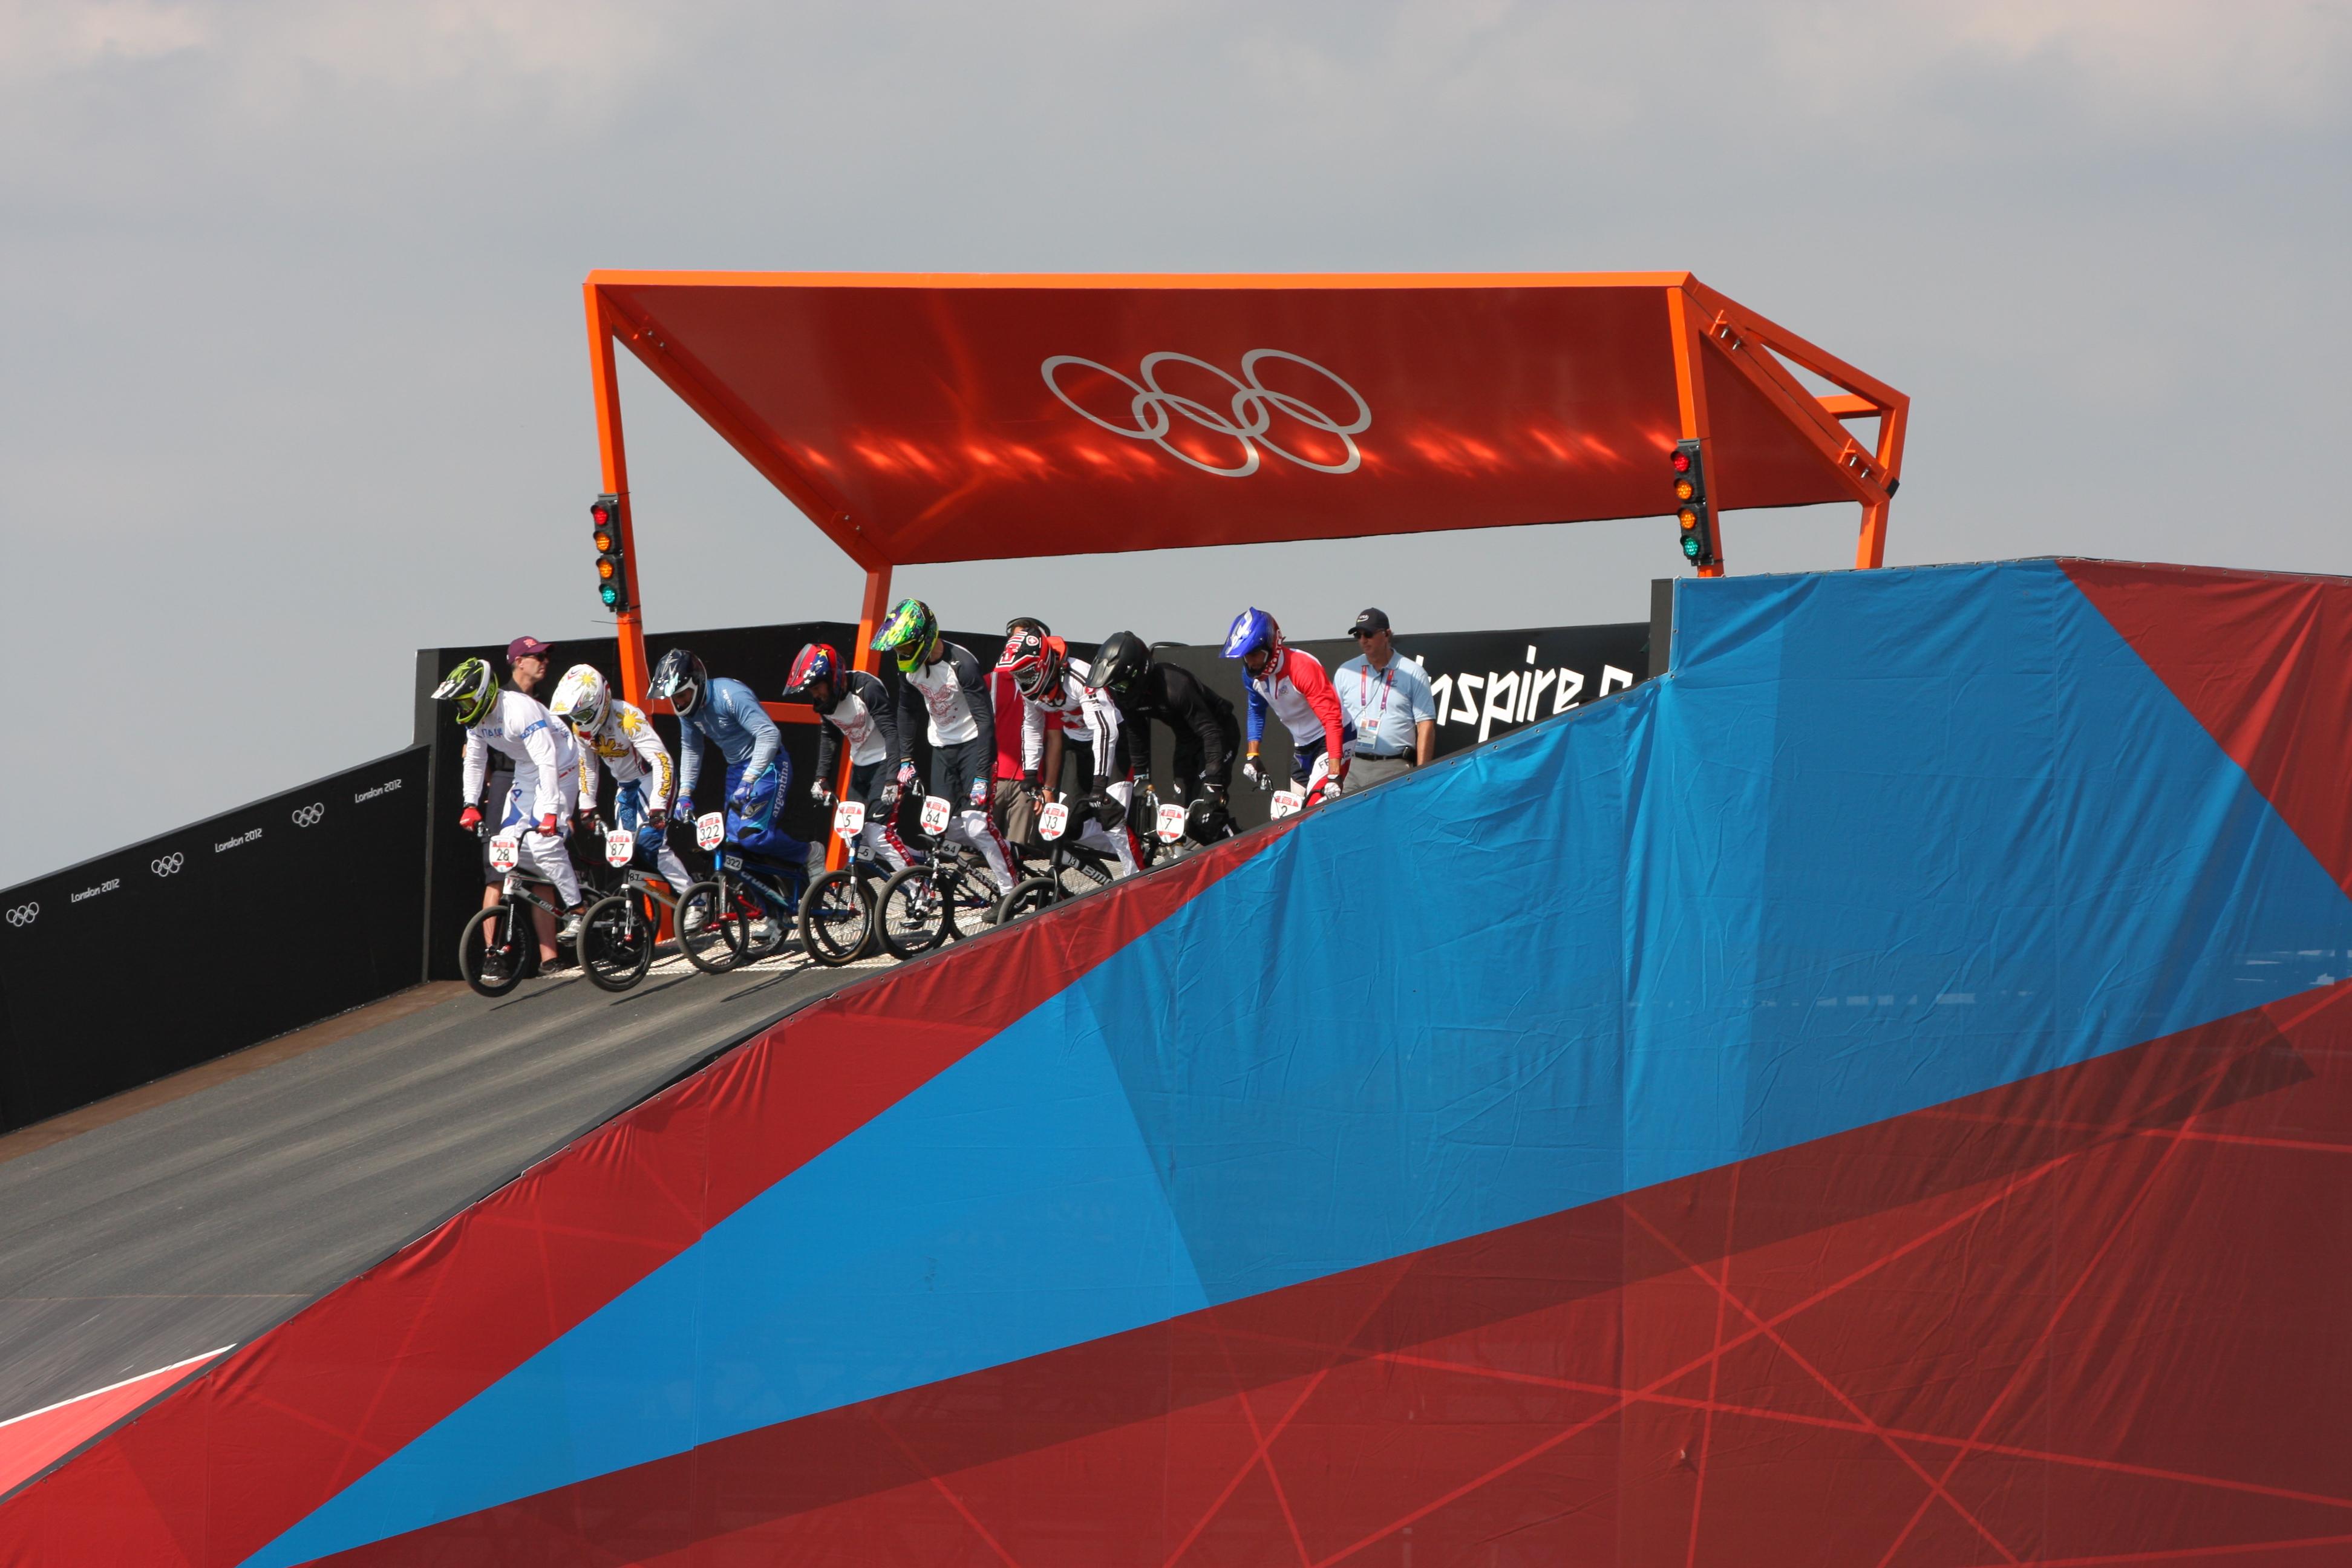 2012 London Olympics, Bmx Quarter Finals 09.08.12